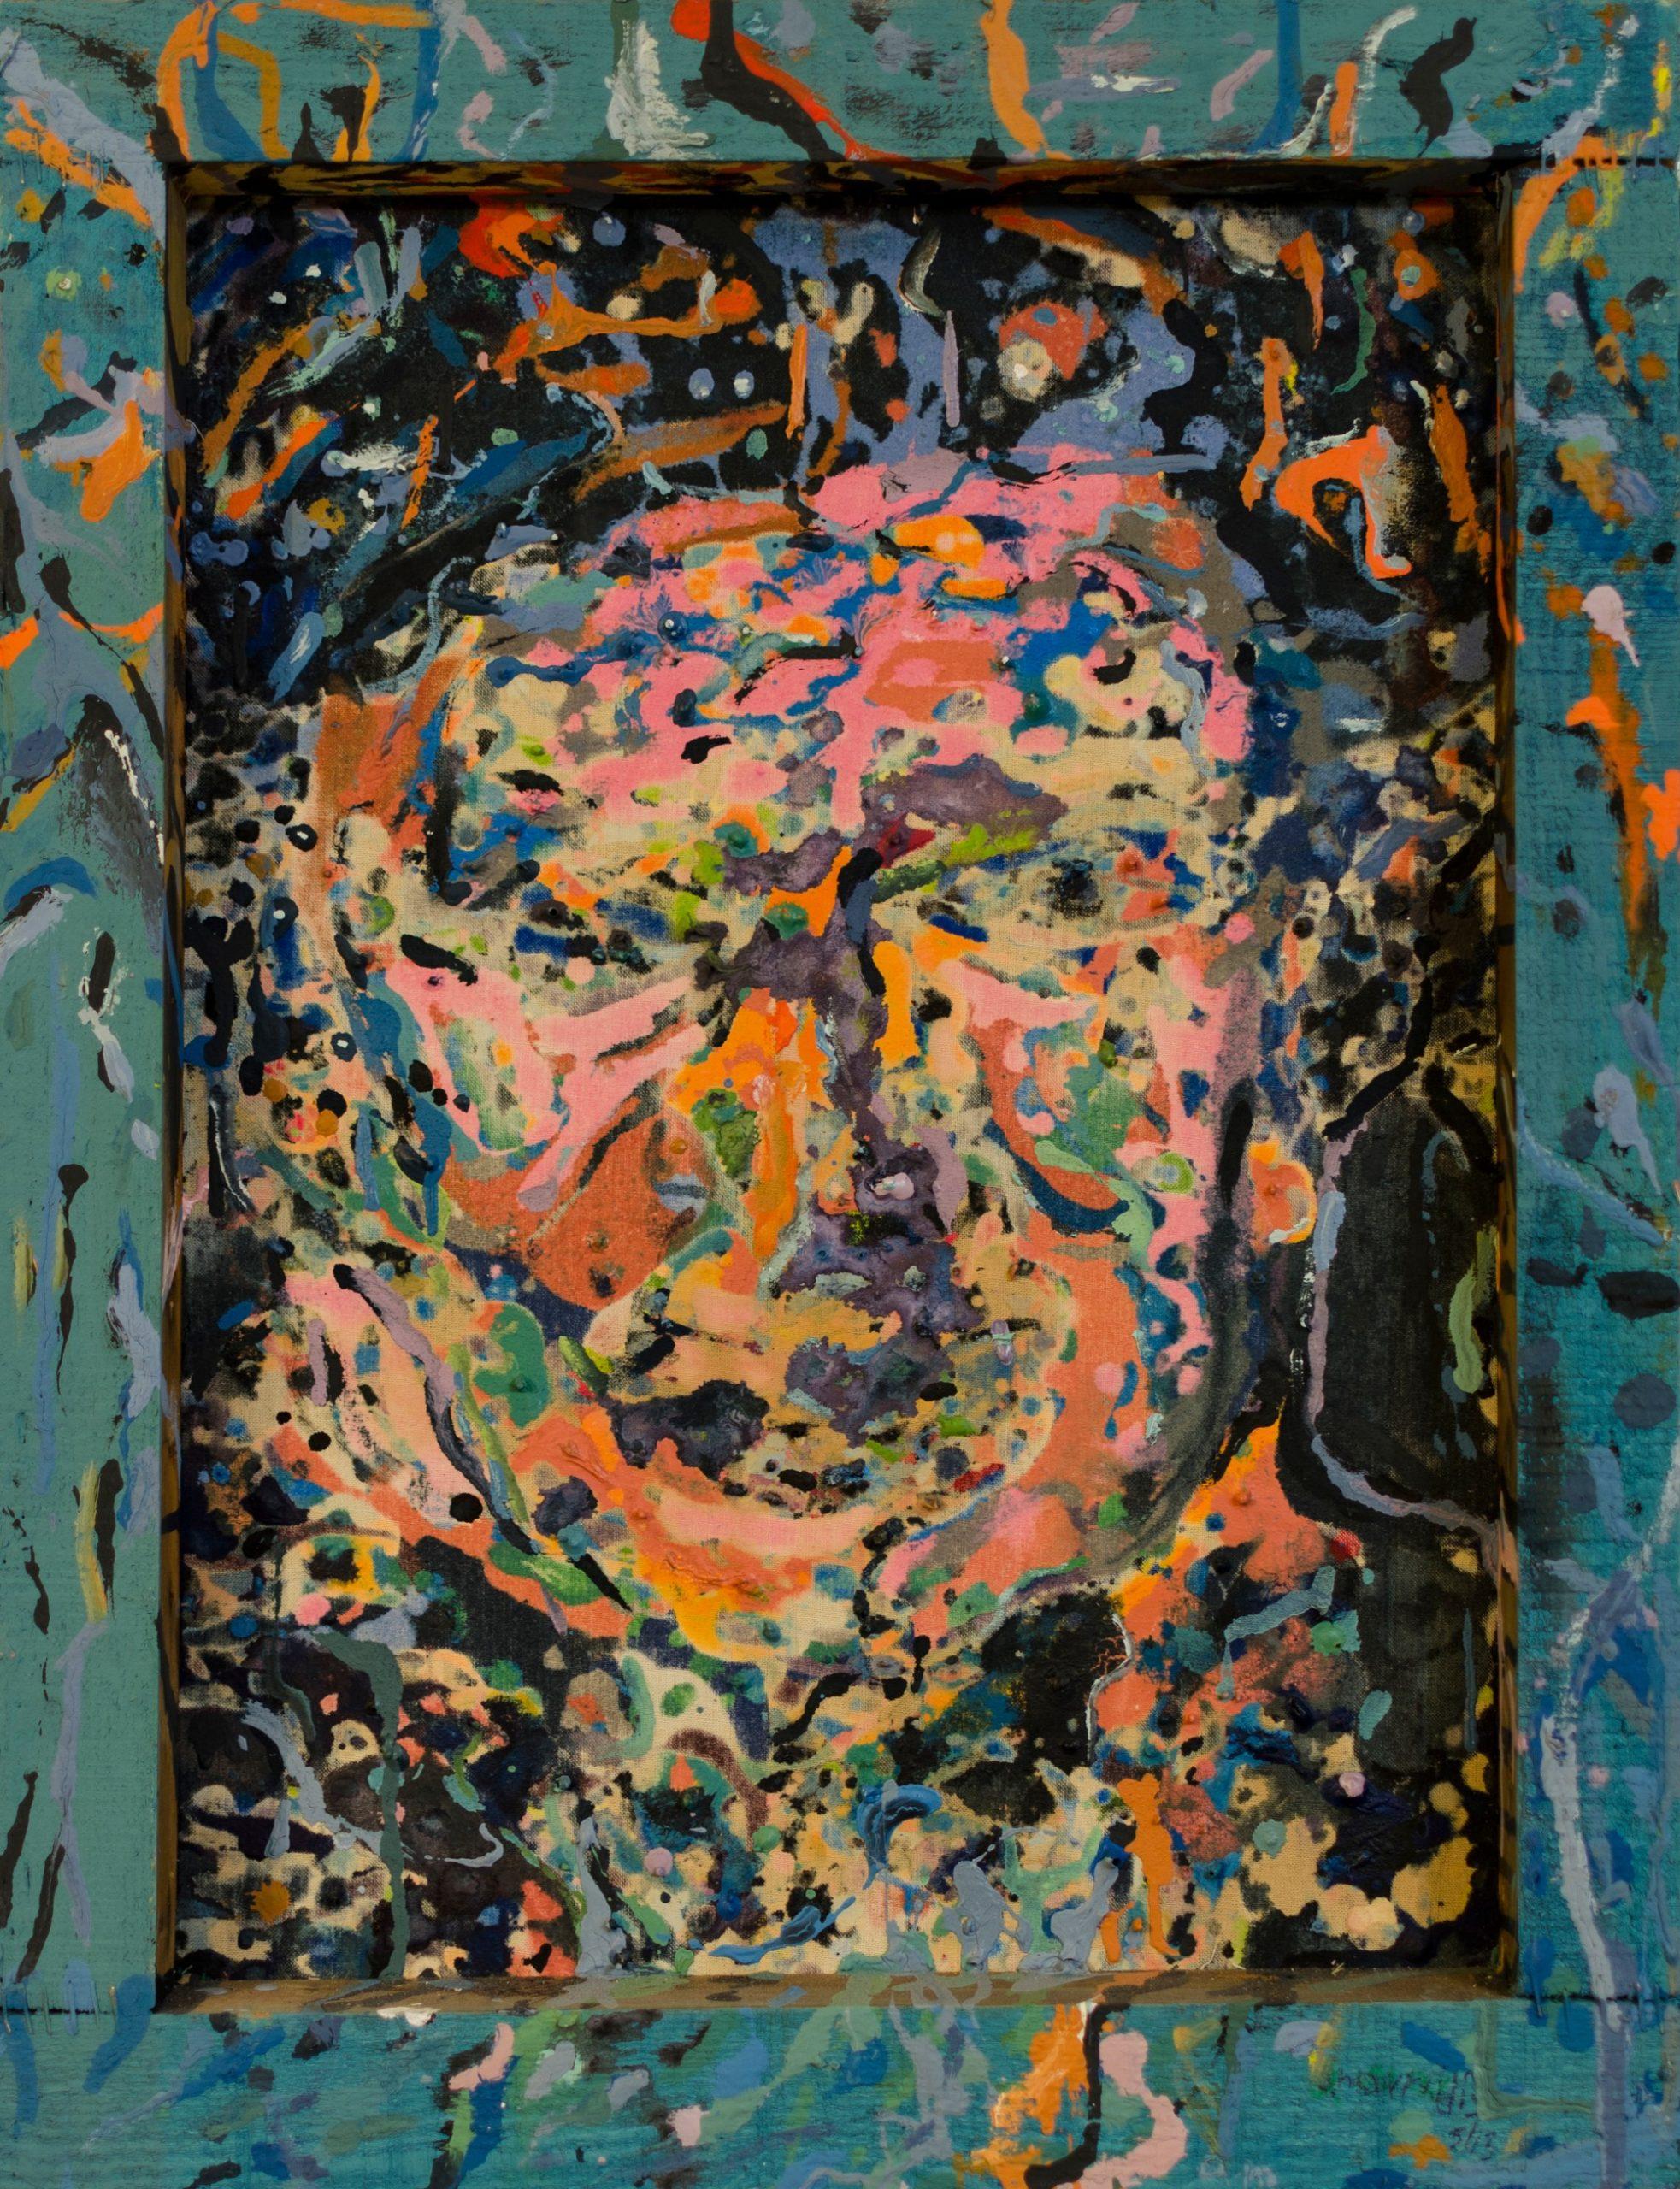 Spring portrait - Back view - Plastic colors - 37x48cm